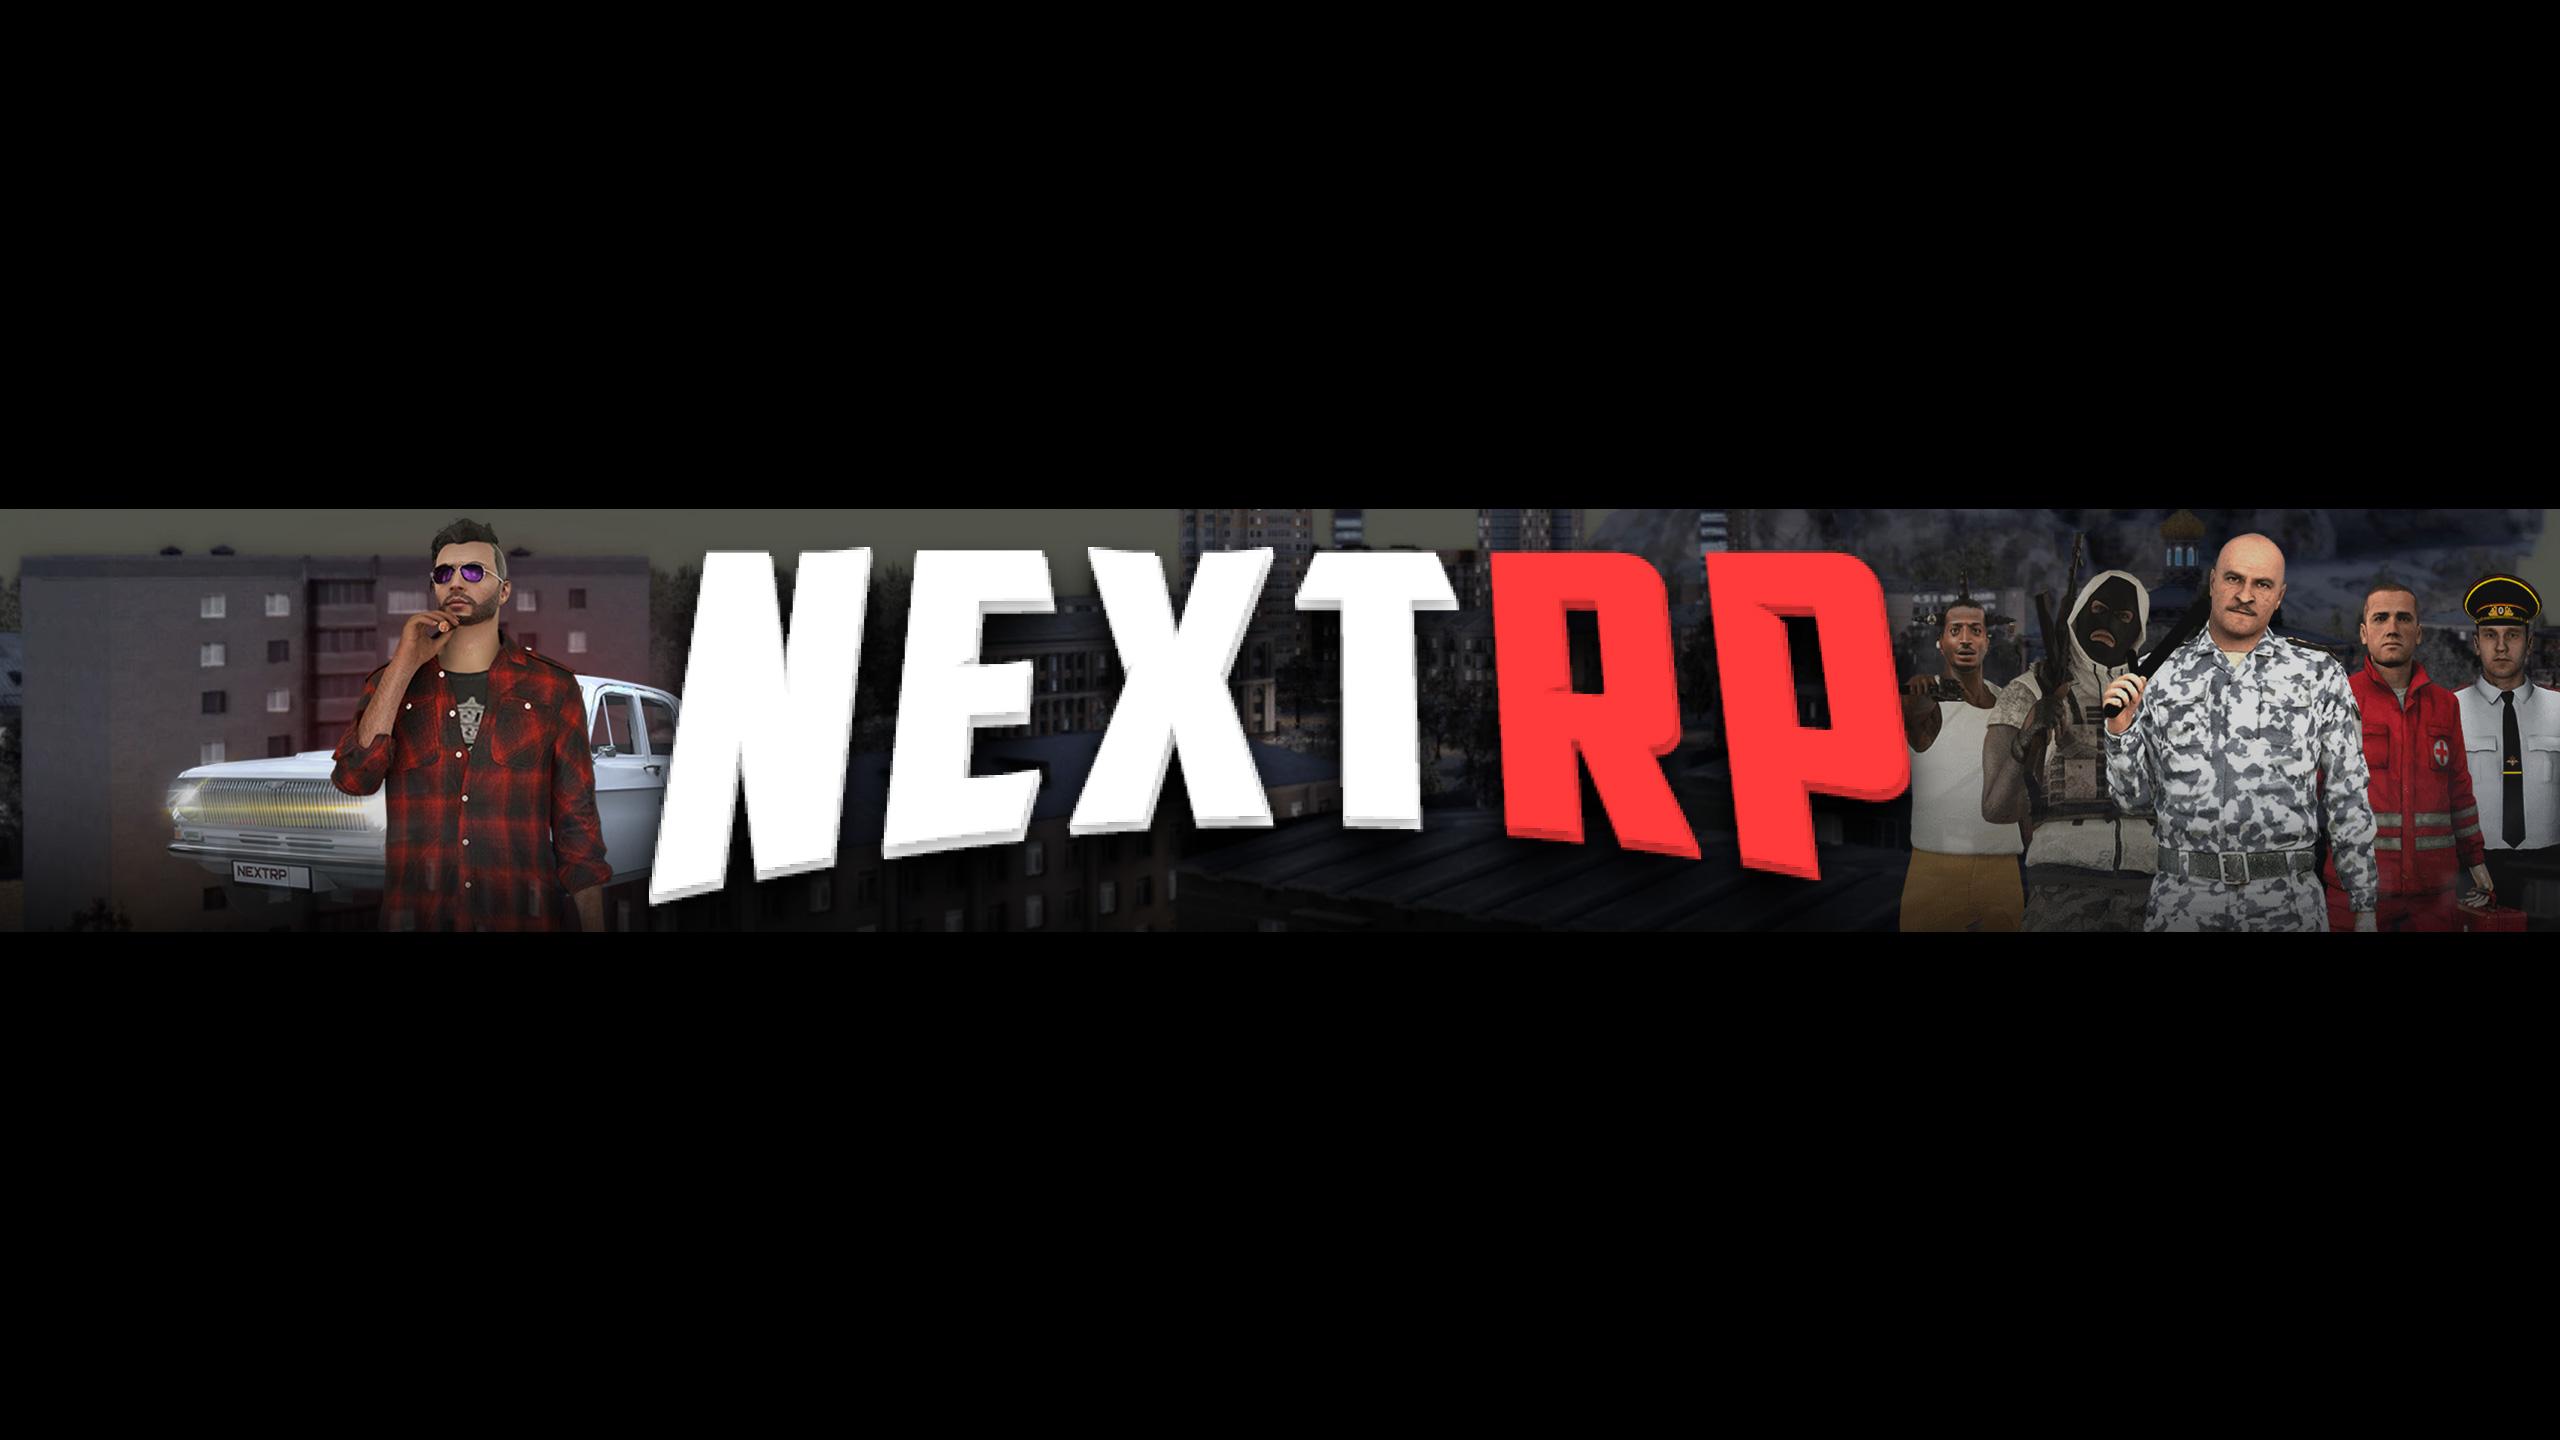 Картинка чёрная шапка игрового канала с логотипом Nextrp и персонажами игры.